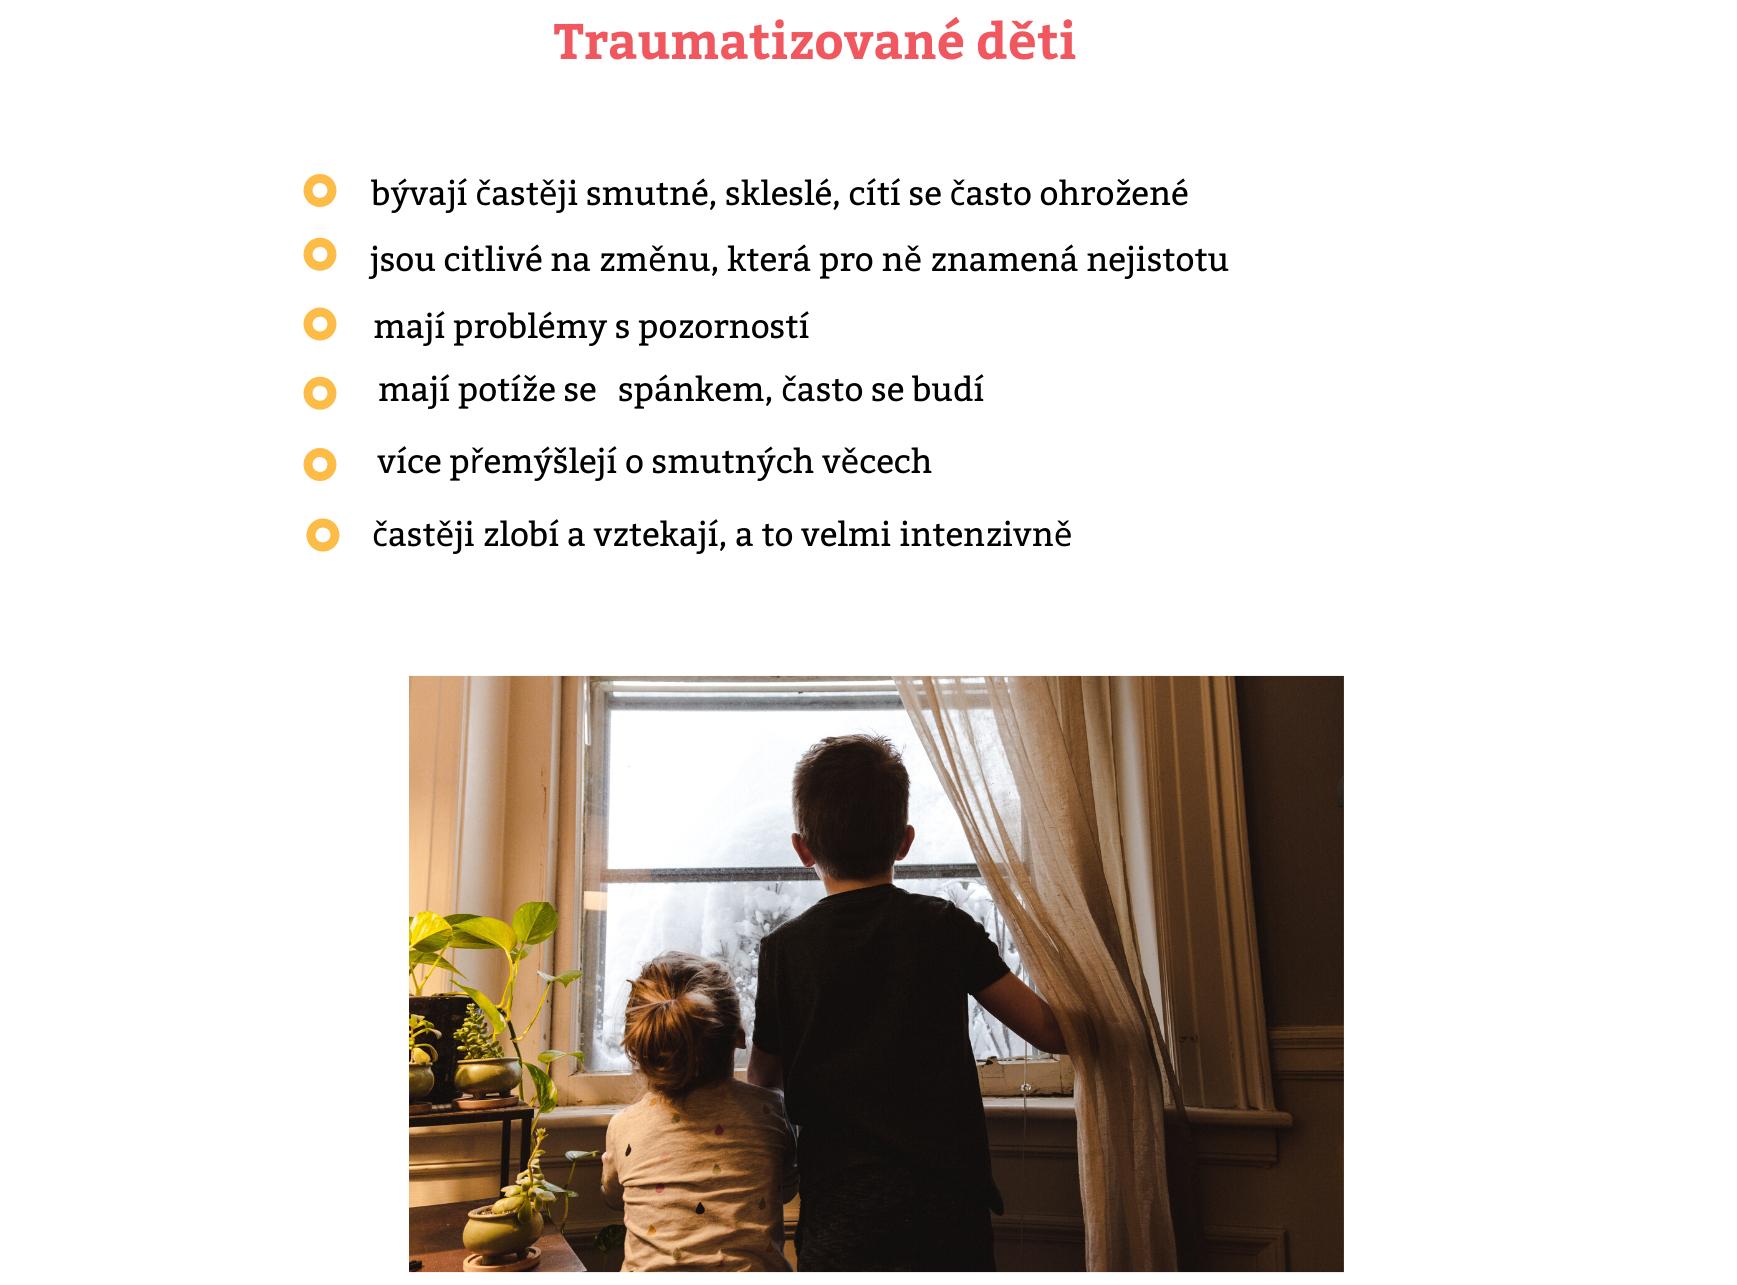 Traumatizované děti to mají v nouzovém režimu těžší